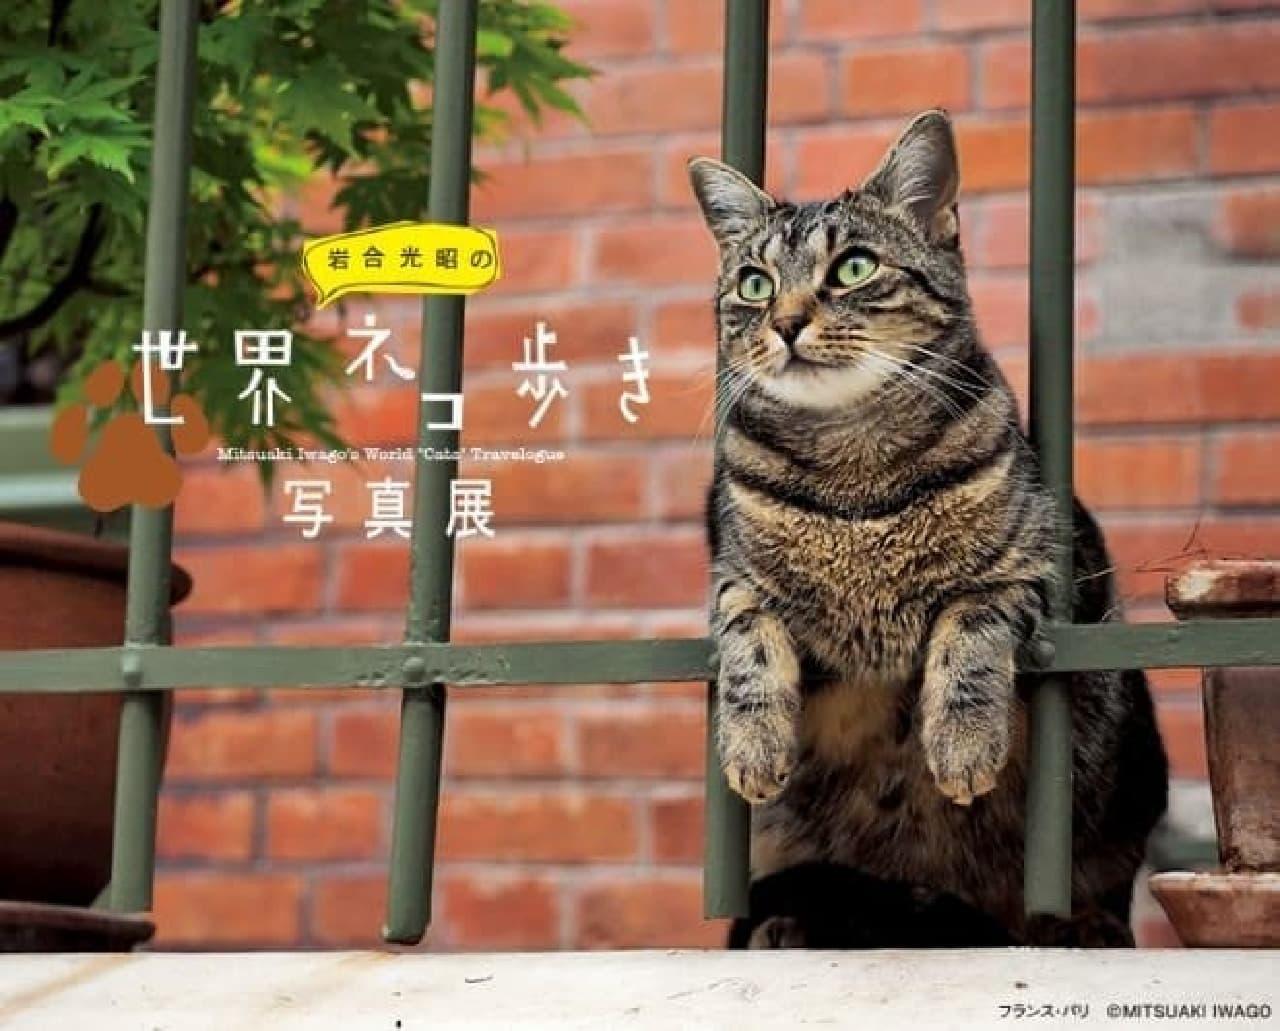 「岩合光昭の世界ネコ歩き」日本橋三越本店で開催中